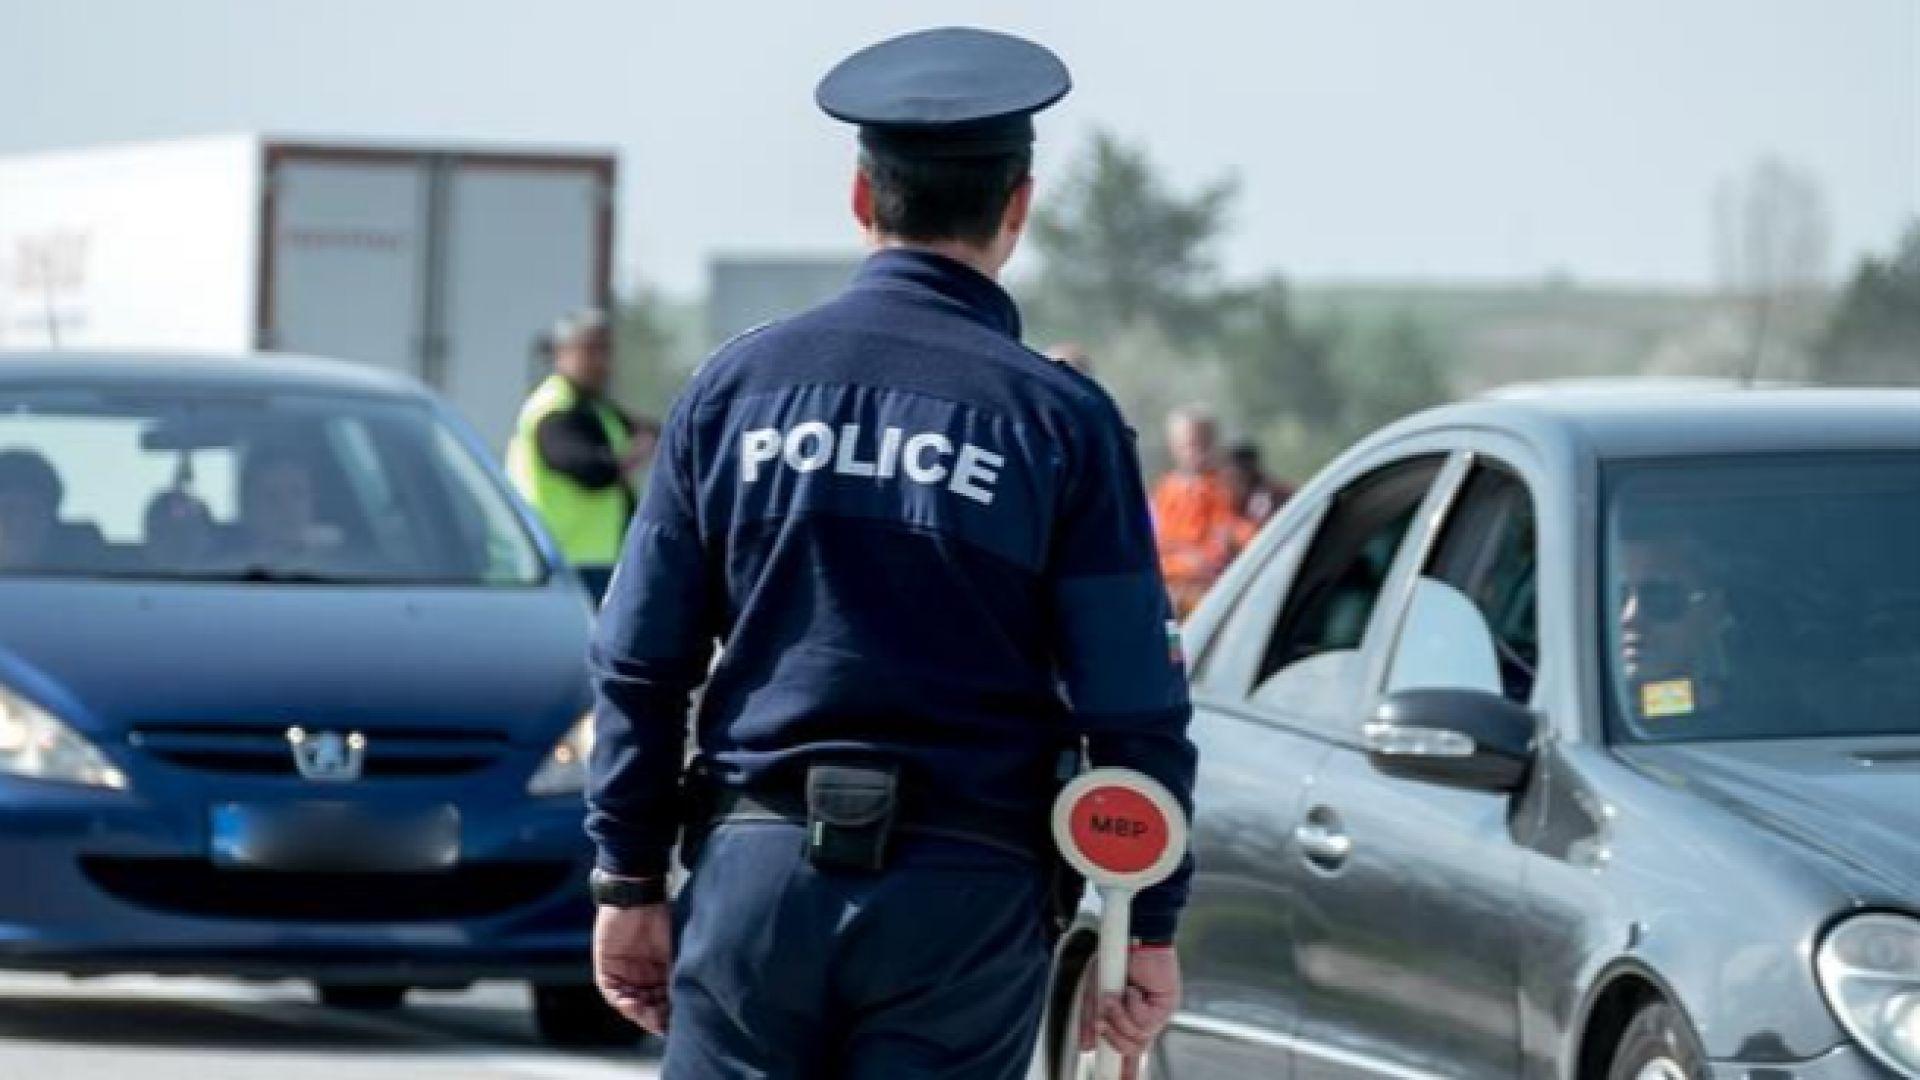 Безумието на пътя - 5295 нарушения от 6579 проверени за ден